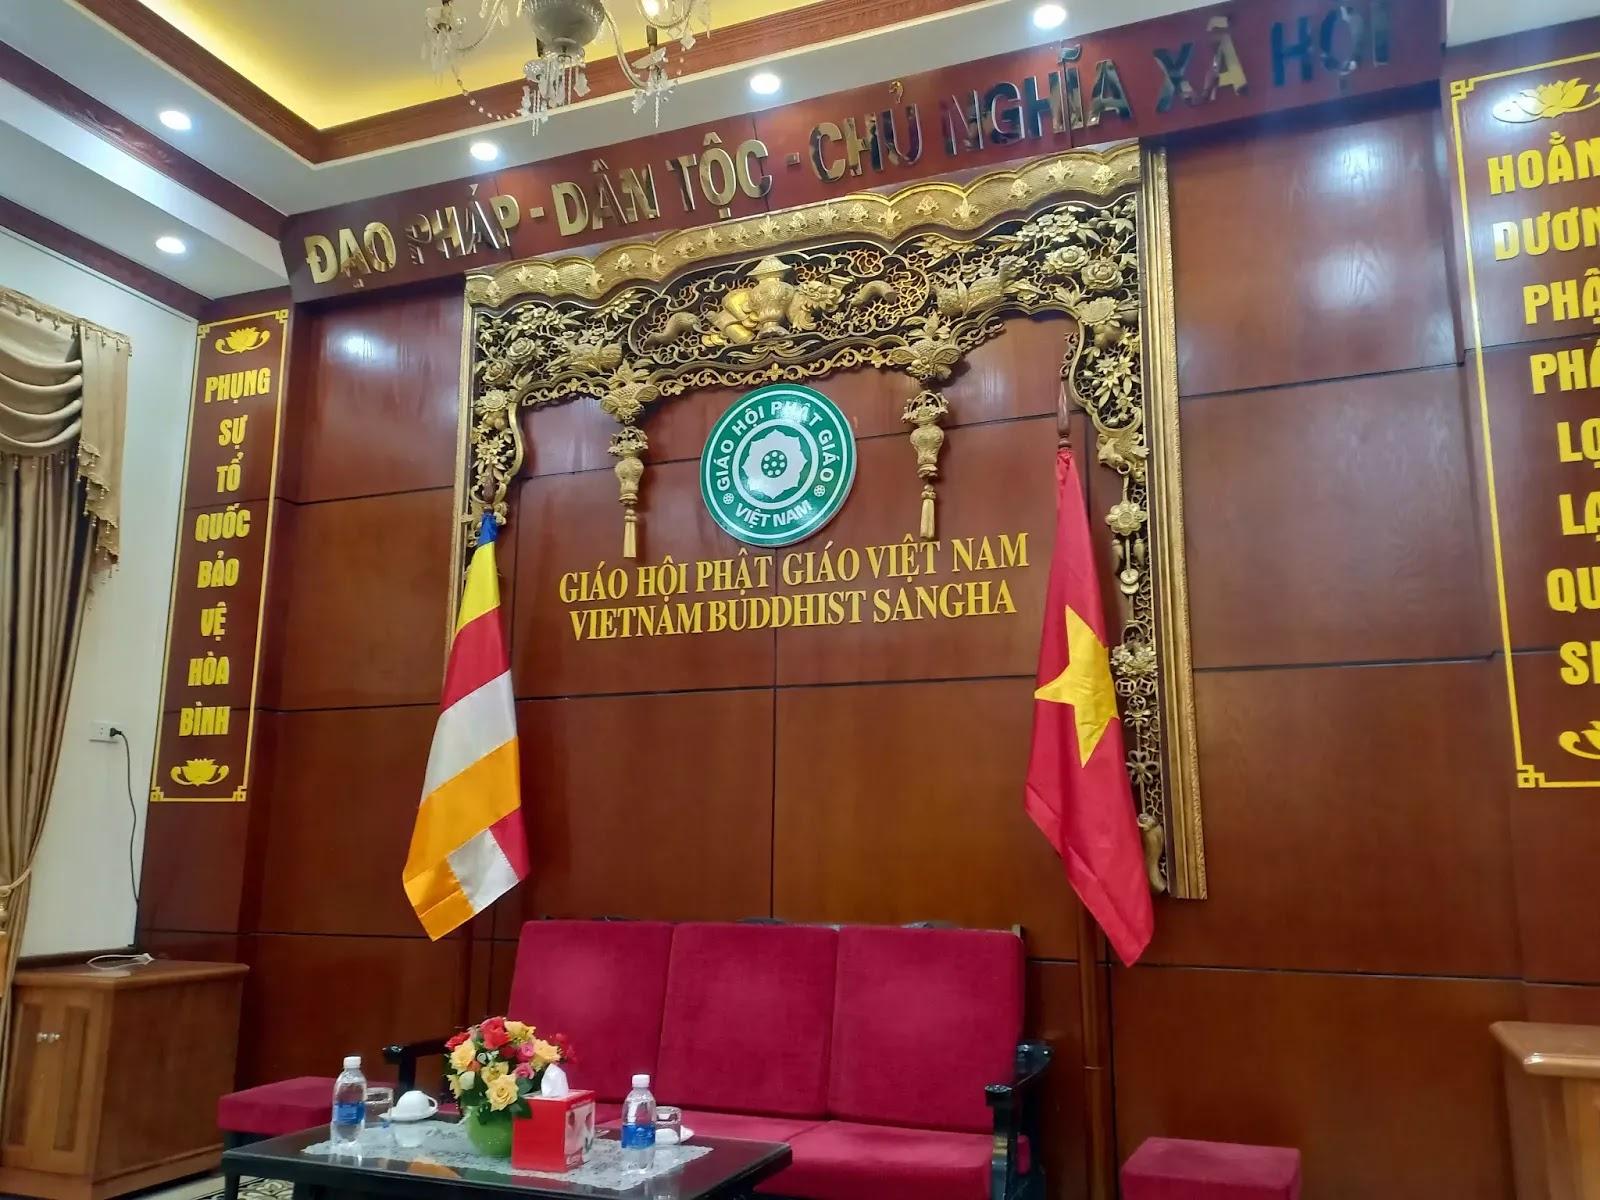 Chiều 26/03/2019, Giáo hội Phật giáo Việt Nam đã buổi gặp gỡ báo chí để thông tin về sự việc đang gây ồn ào ở chùa Ba Vàng, và đây là cách bài trí phông màn.